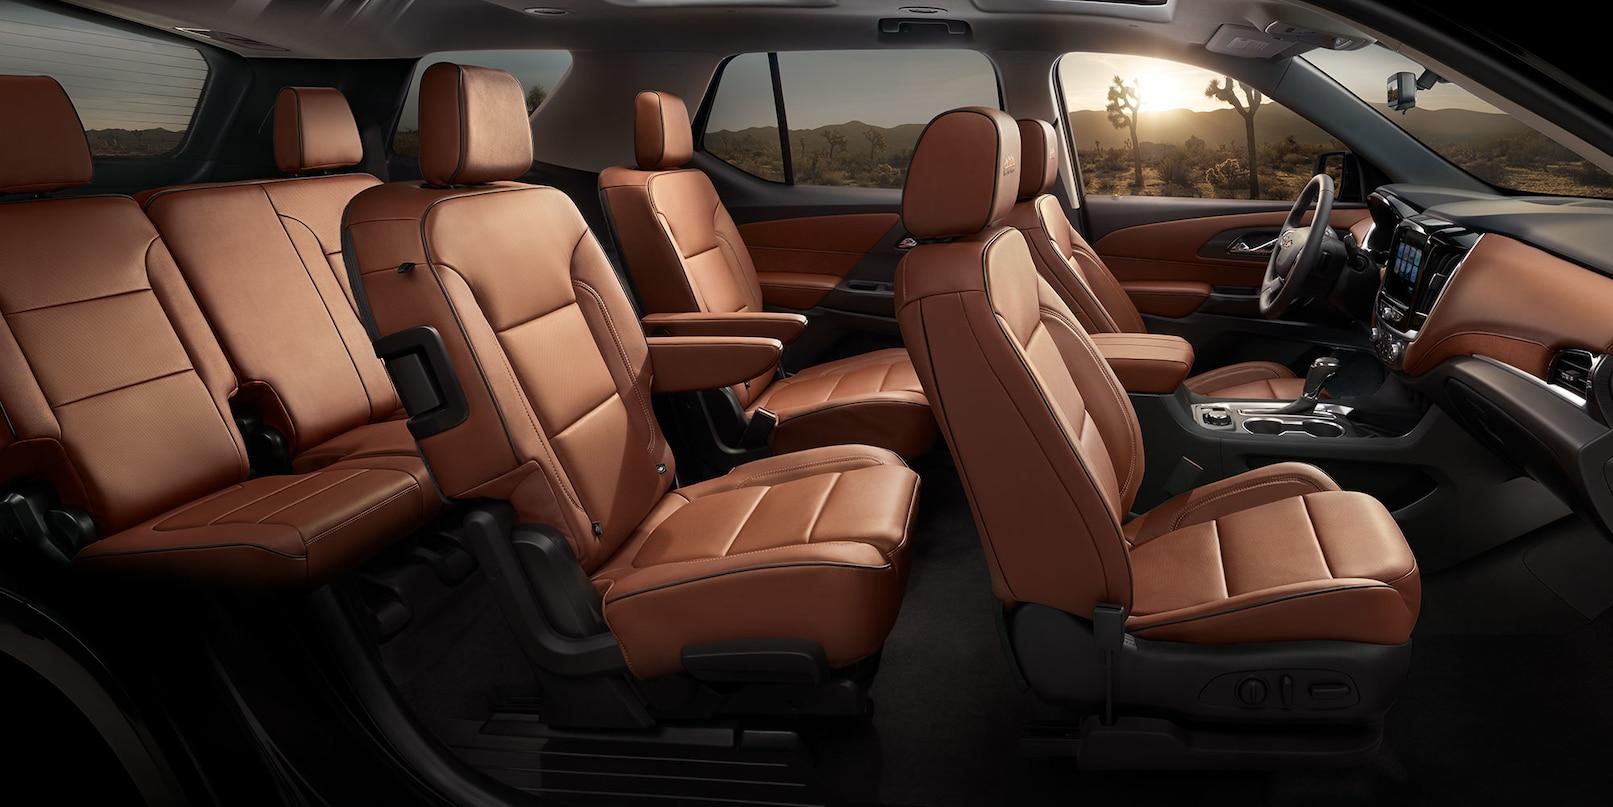 Lujo y espacio sobra en el interior de la Chevrolet Traverse 2019